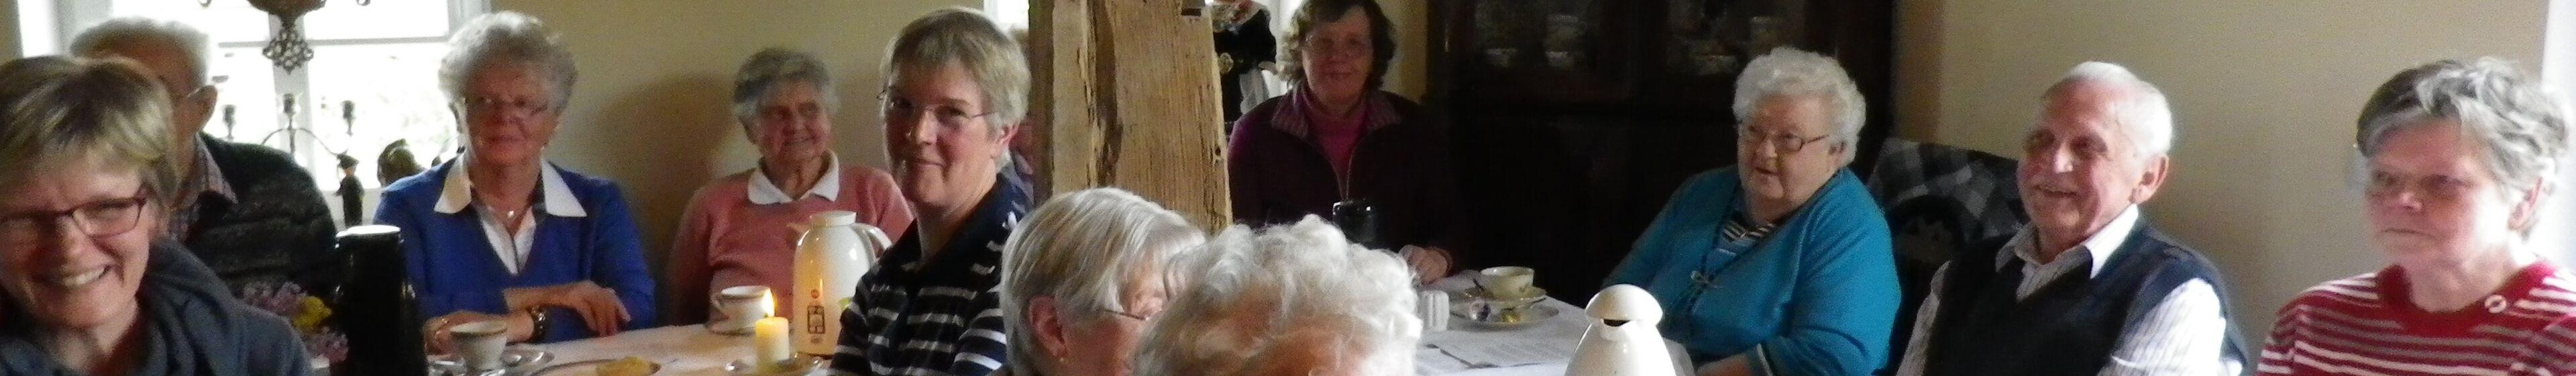 senioren-kopfbild